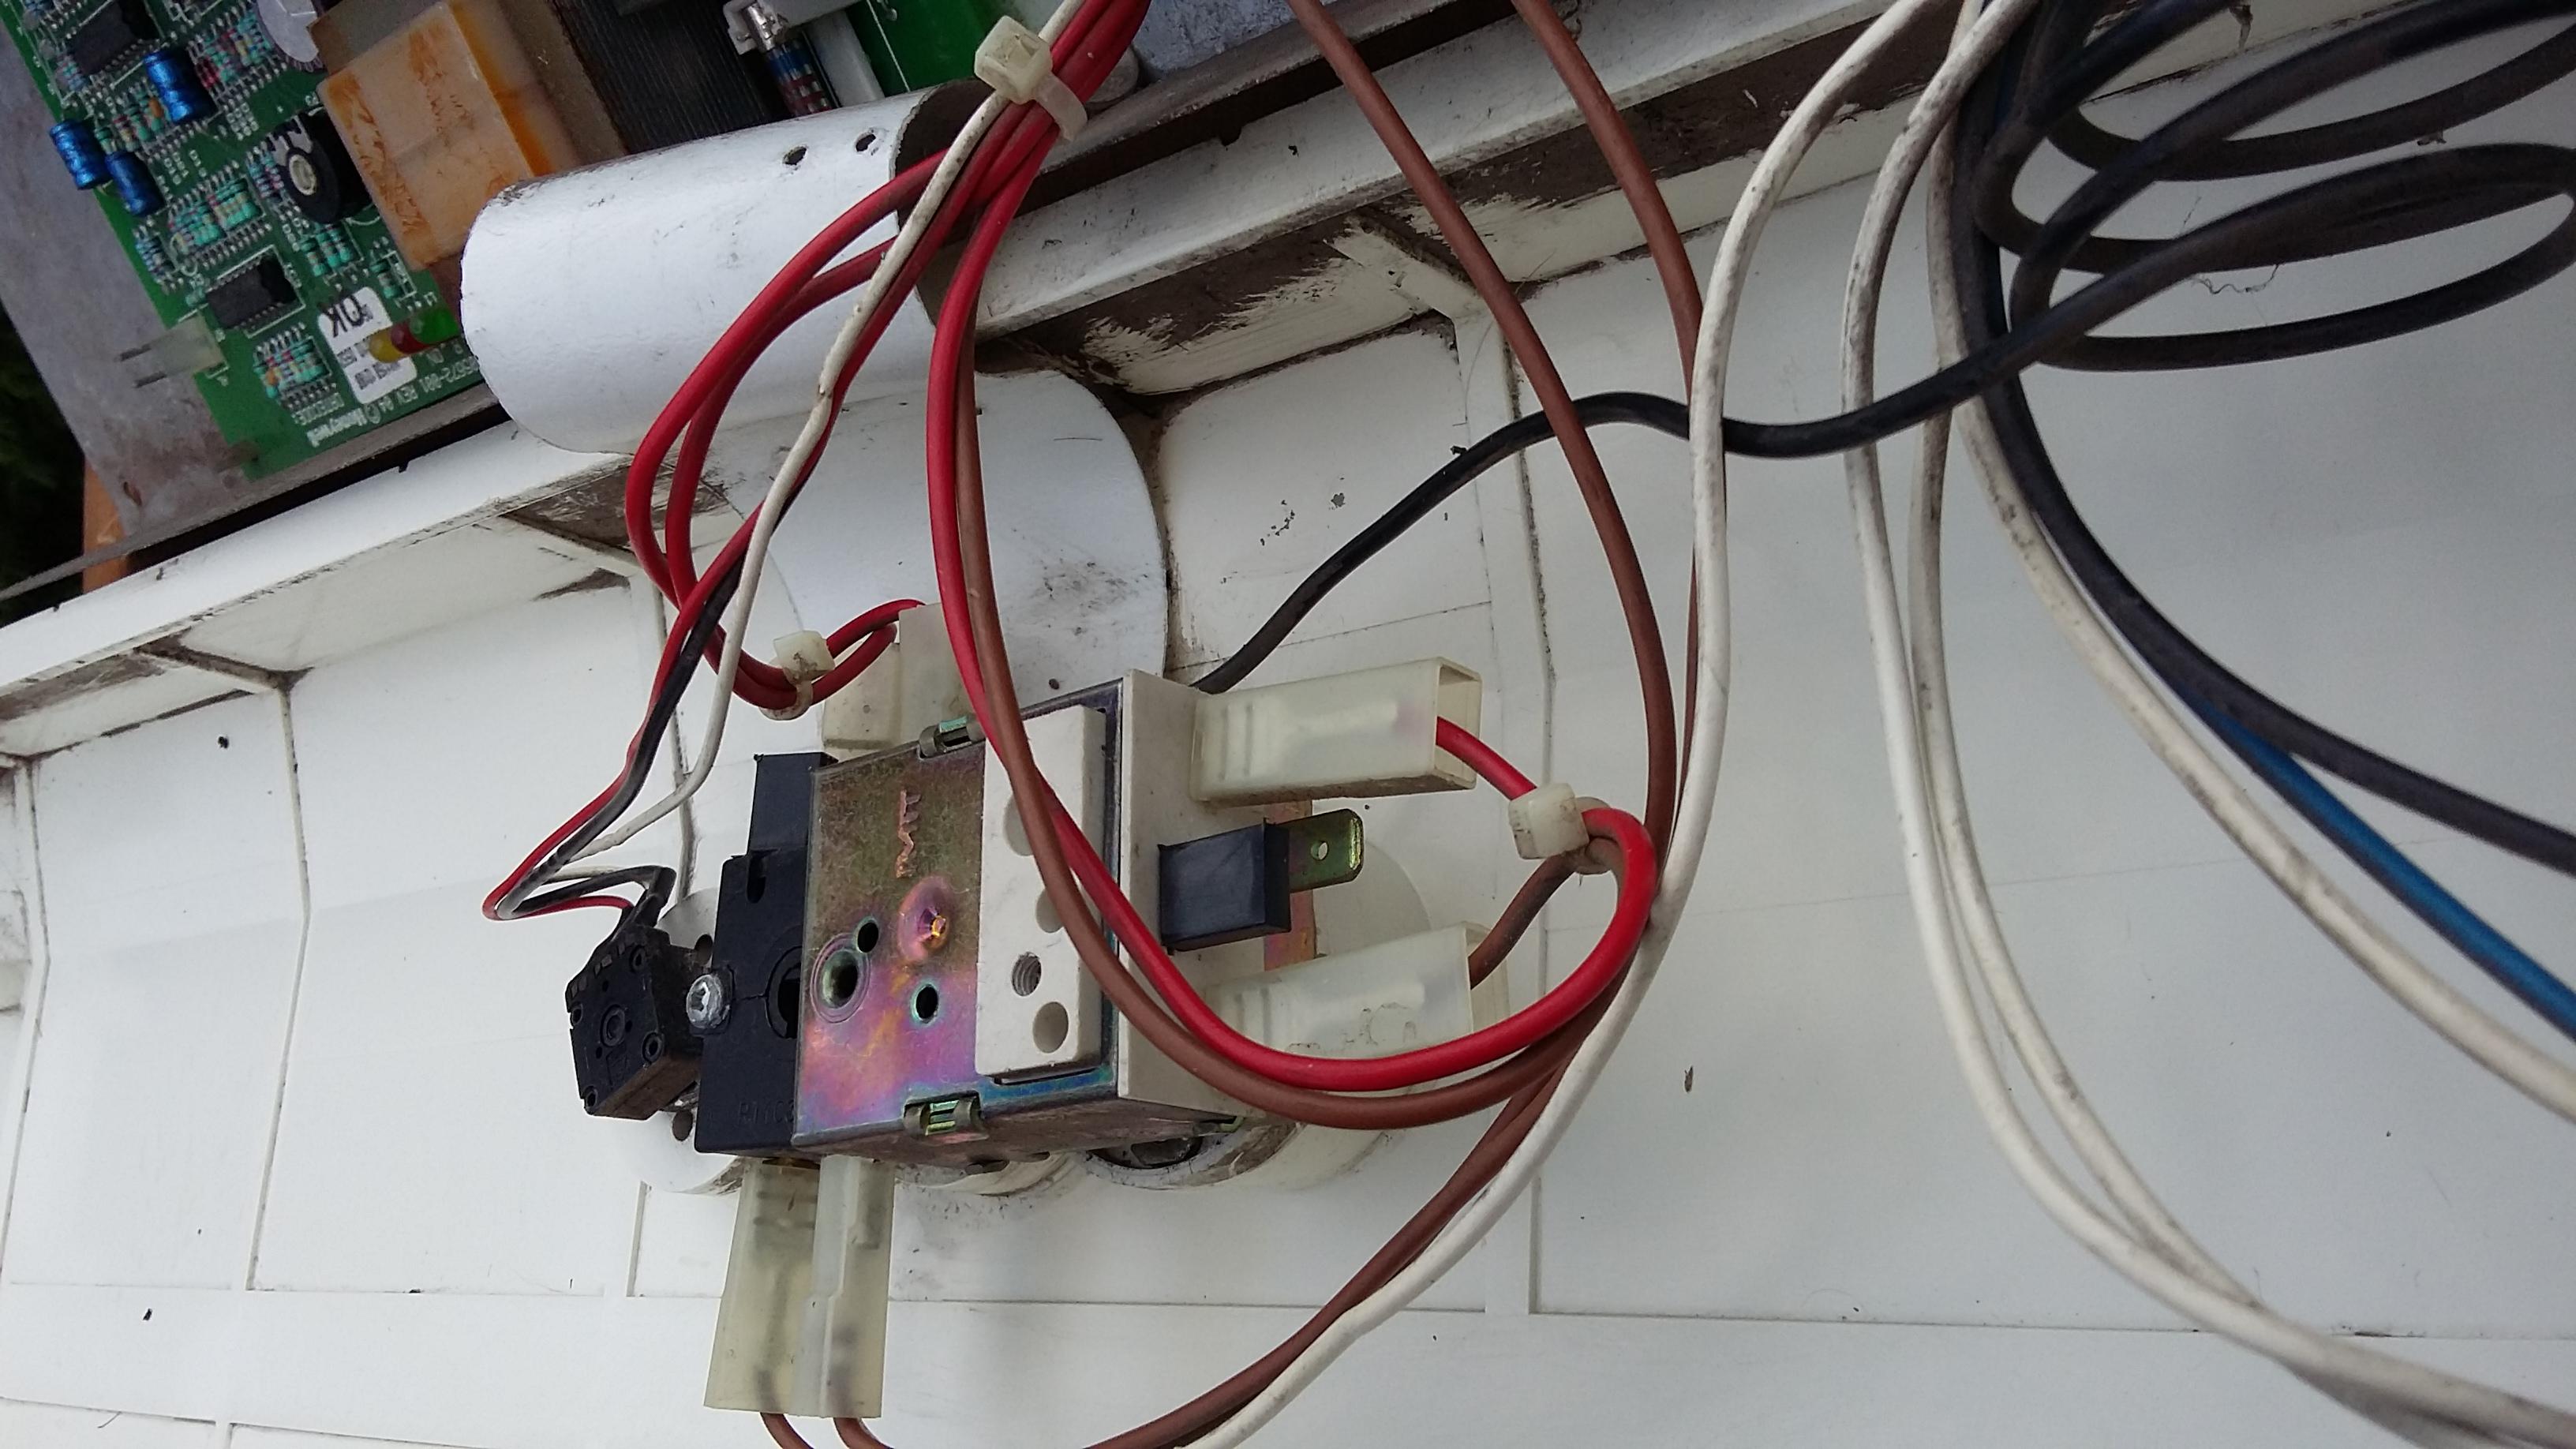 jak připojím termostat na honeywell jaké státy vyžadují datování potravinových produktů